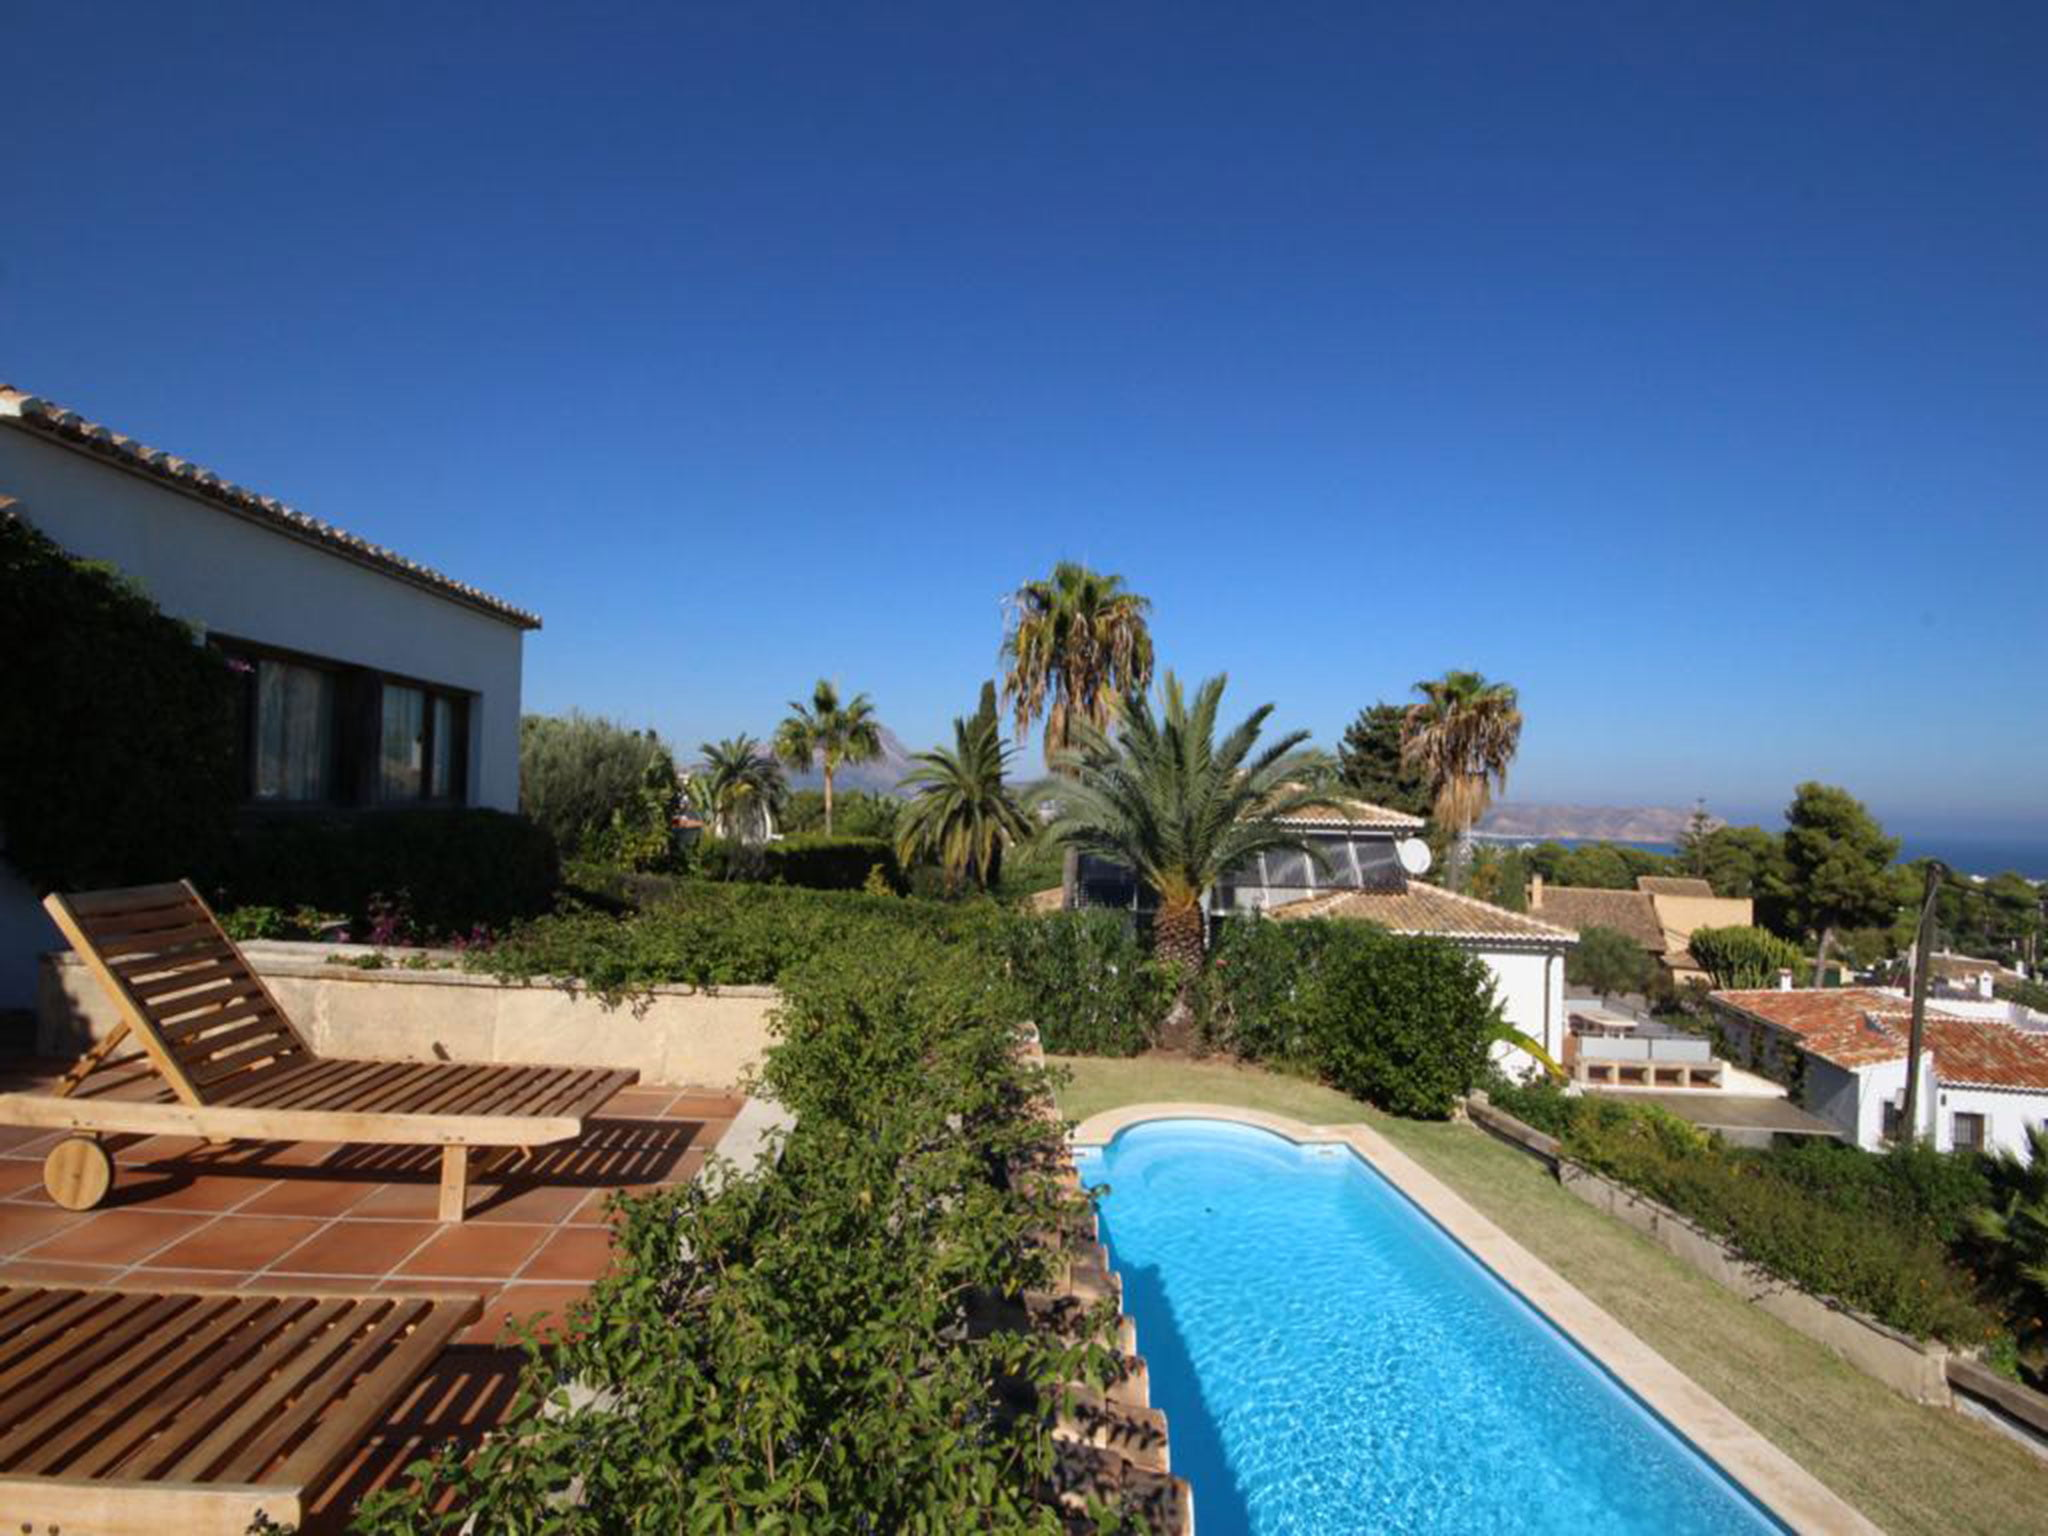 Piscina de una villa mediterránea en venta en Jávea con vistas al mar – Atina Inmobiliaria